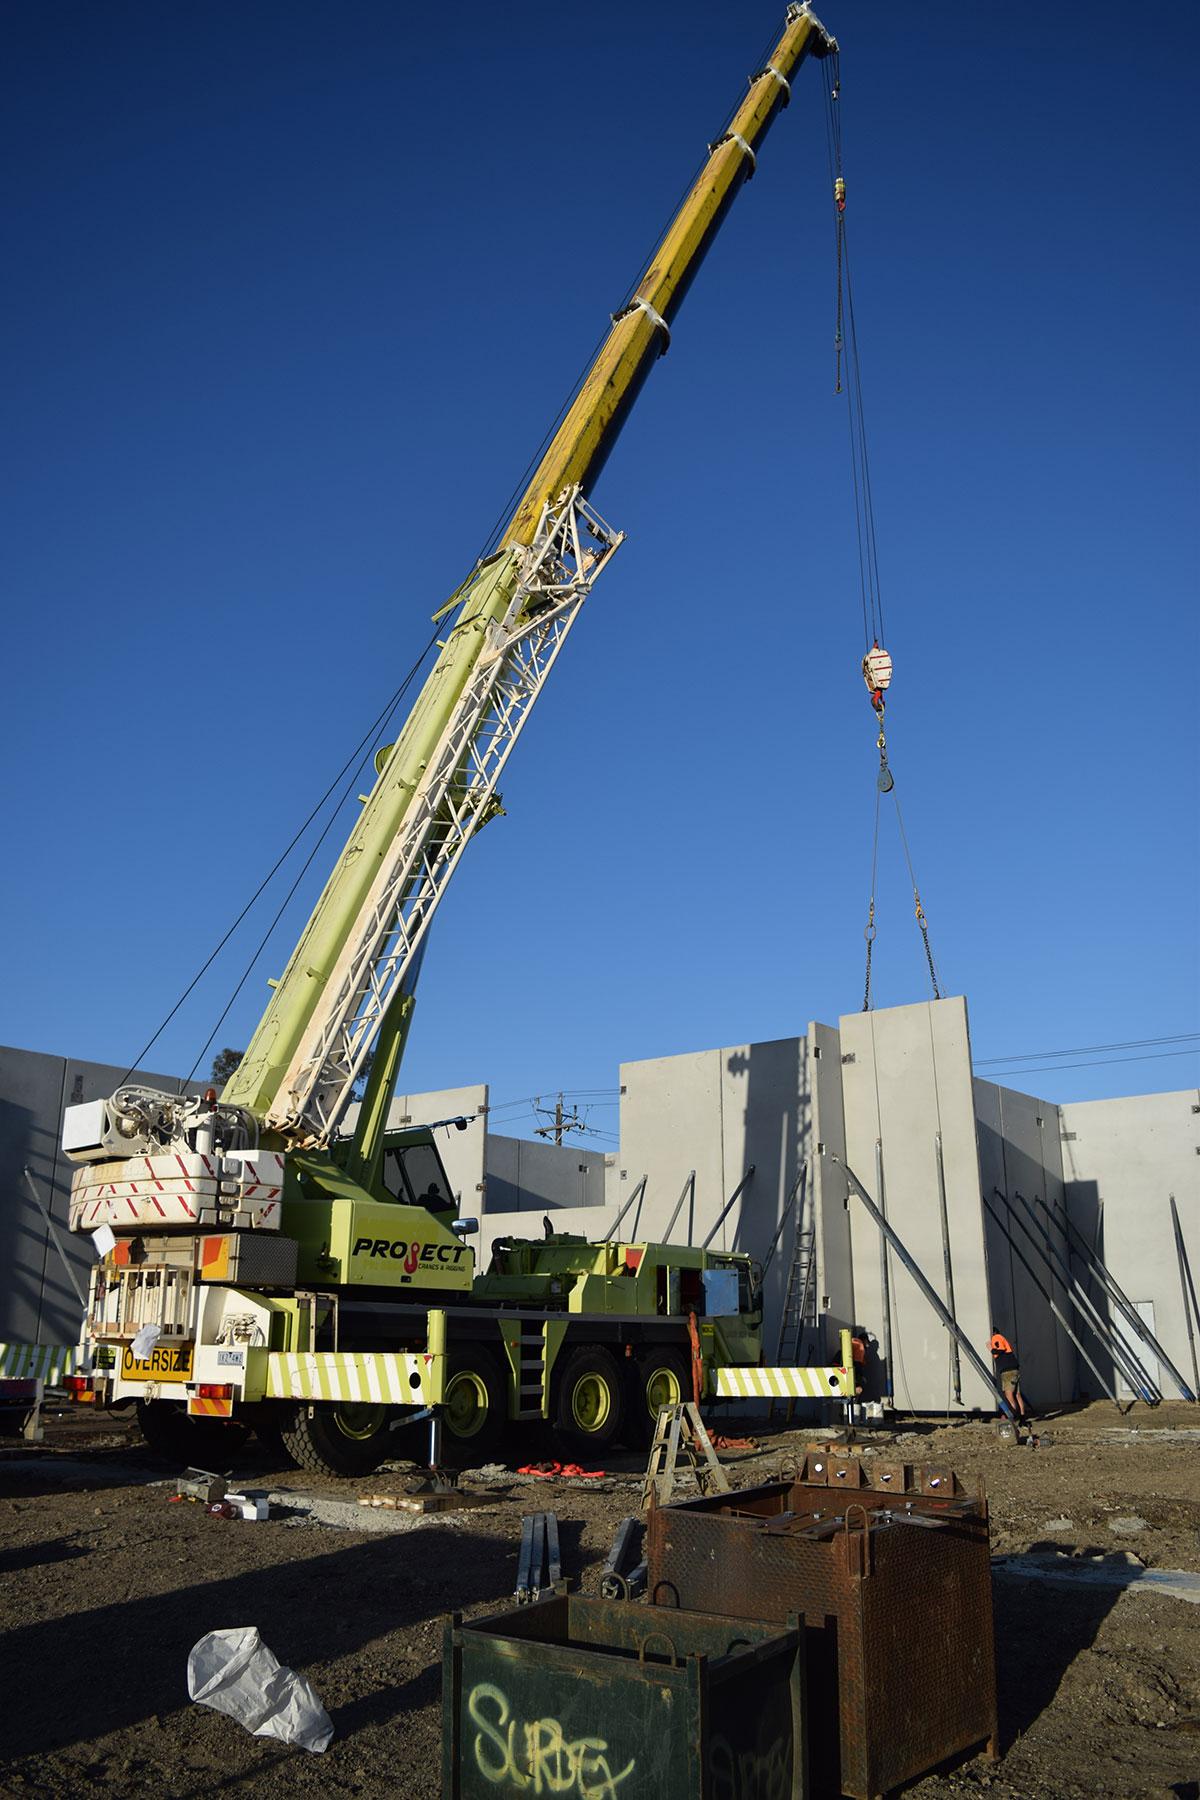 Project Cranes & Rigging mobile crane hire Melbourne lifting concrete